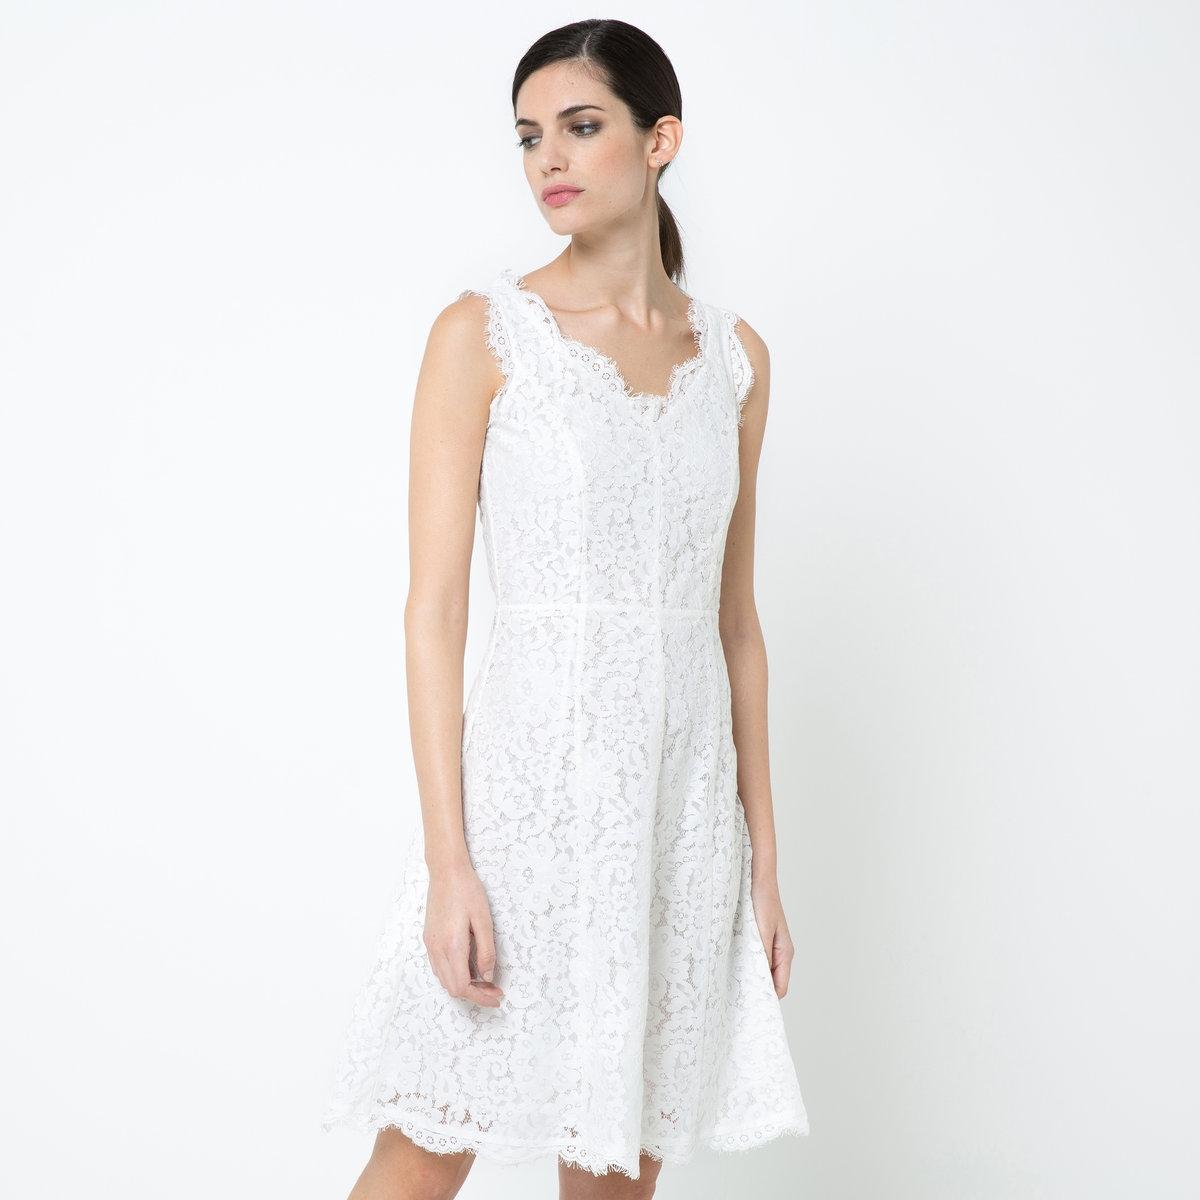 Платье кружевноеКружевное платье из 60% полиамида, 40% хлопка. V-образный вырез. Волнистые края выреза и низа. Отрезное по талии. Юбка-годе. Застежка на скрытую молнию сбоку. Подкладка из полиэстерового крепа. Длина: 95 см.<br><br>Цвет: экрю<br>Размер: 34 (FR) - 40 (RUS)